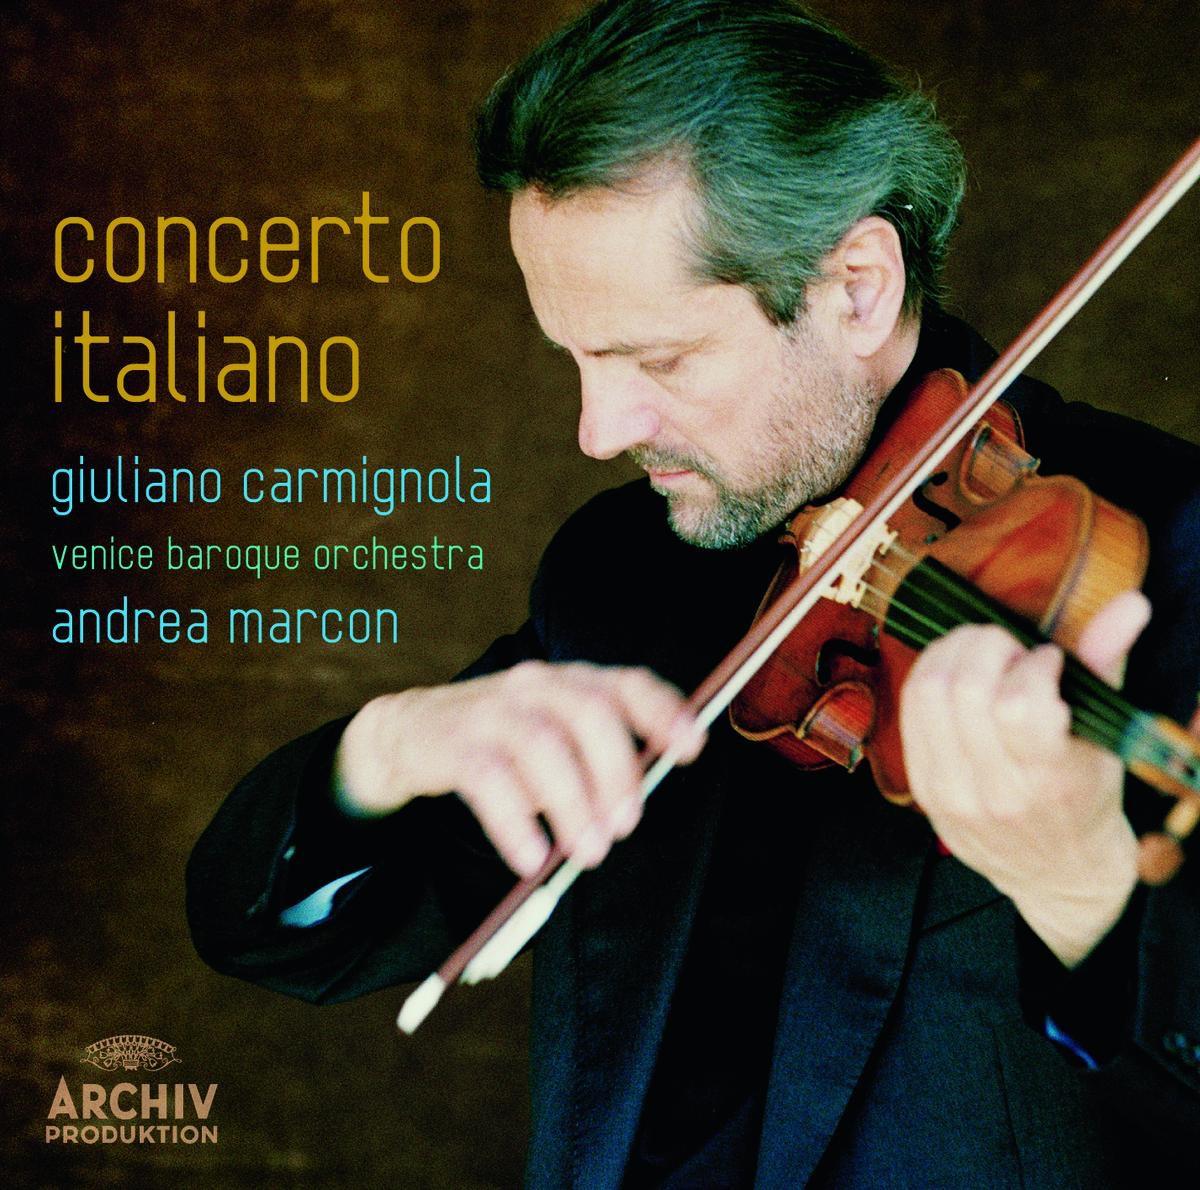 Concerto for Violin in C Major, Op. 2a, No. 2: II. Adagio